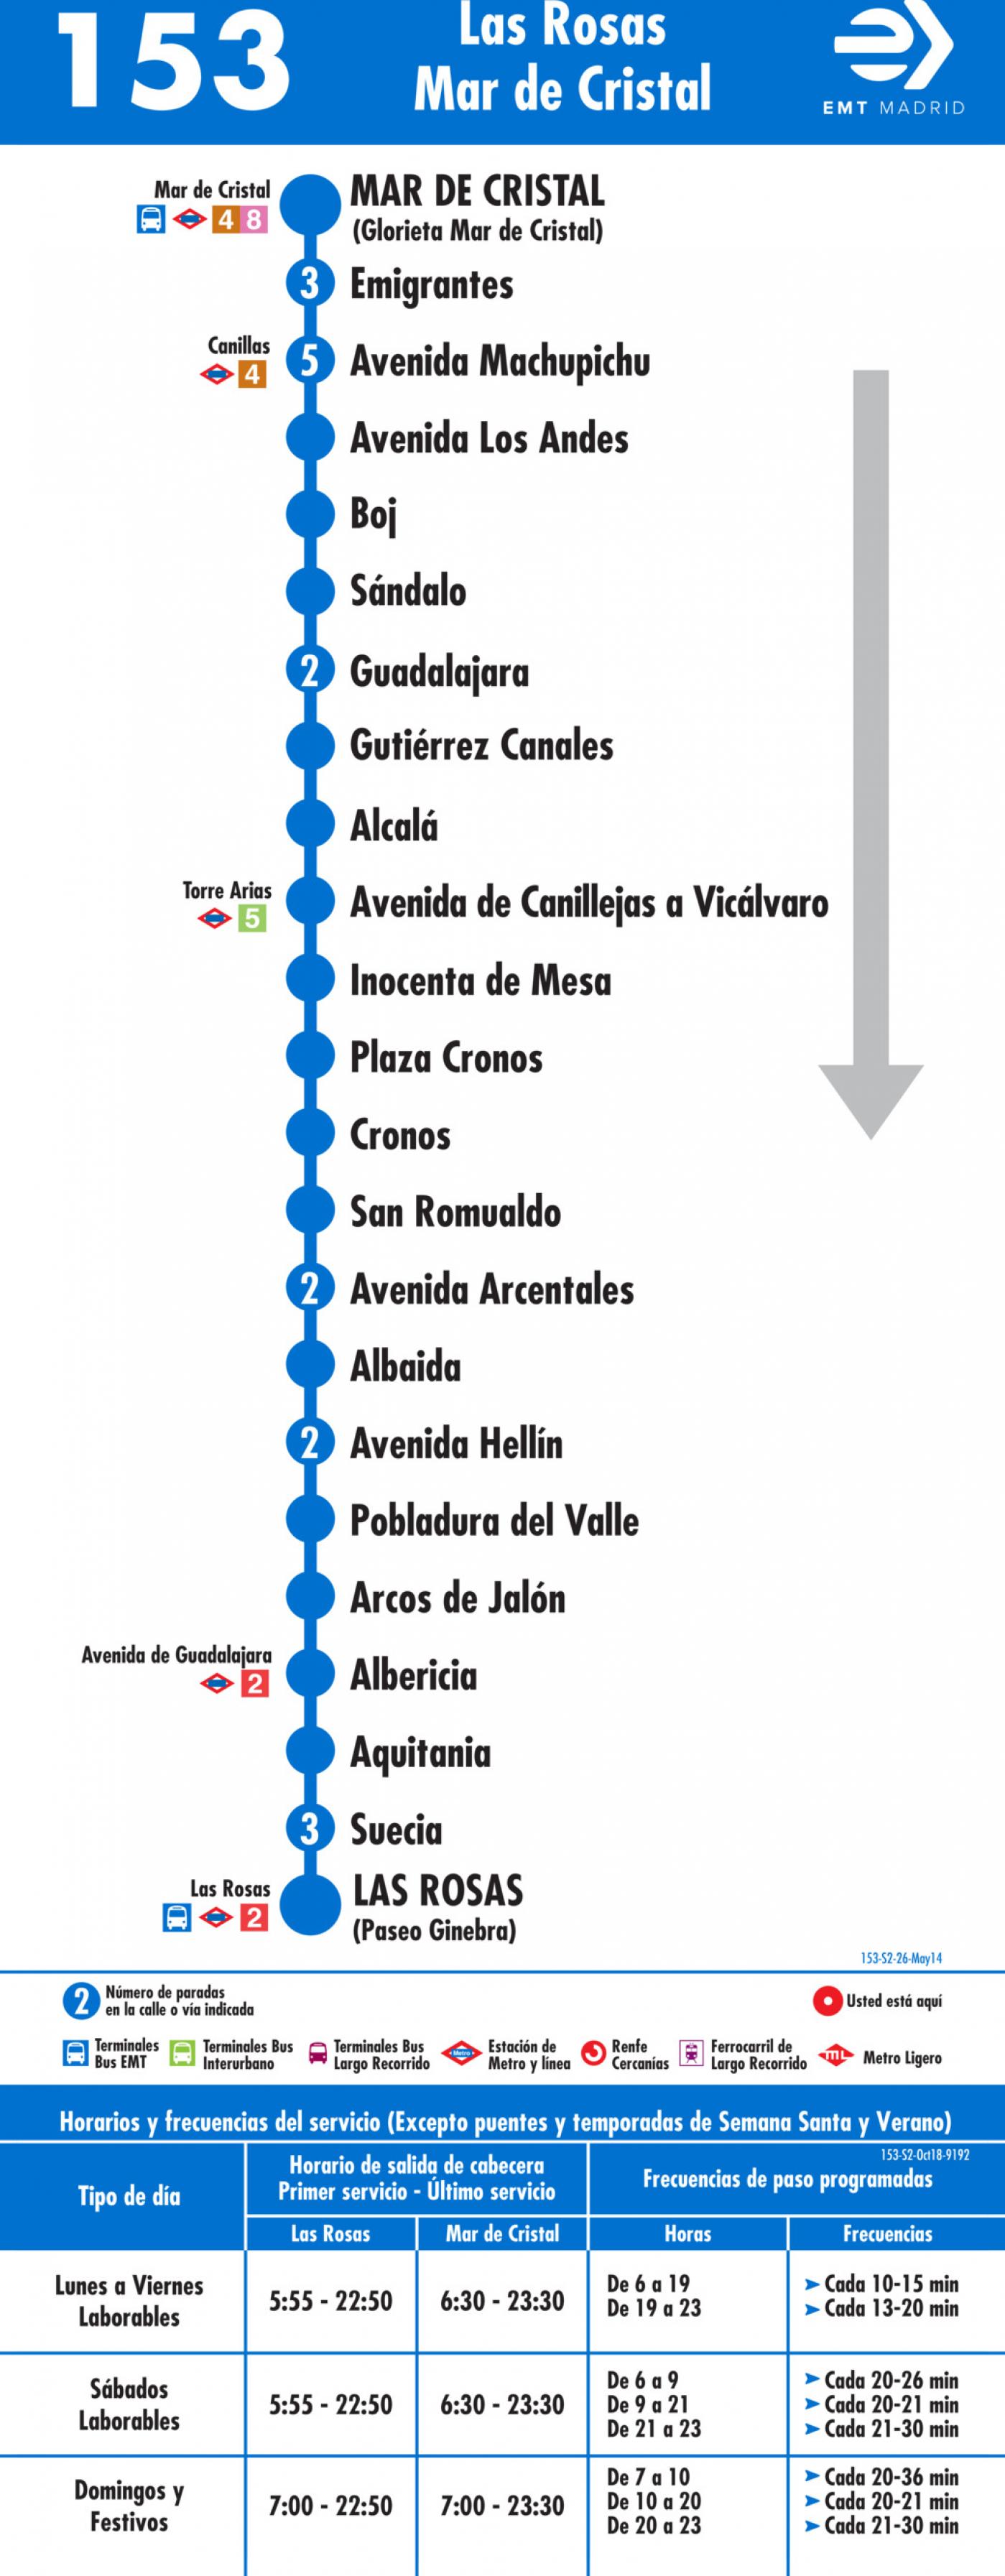 Tabla de horarios y frecuencias de paso en sentido vuelta Línea 153: Las Rosas - Mar de Cristal